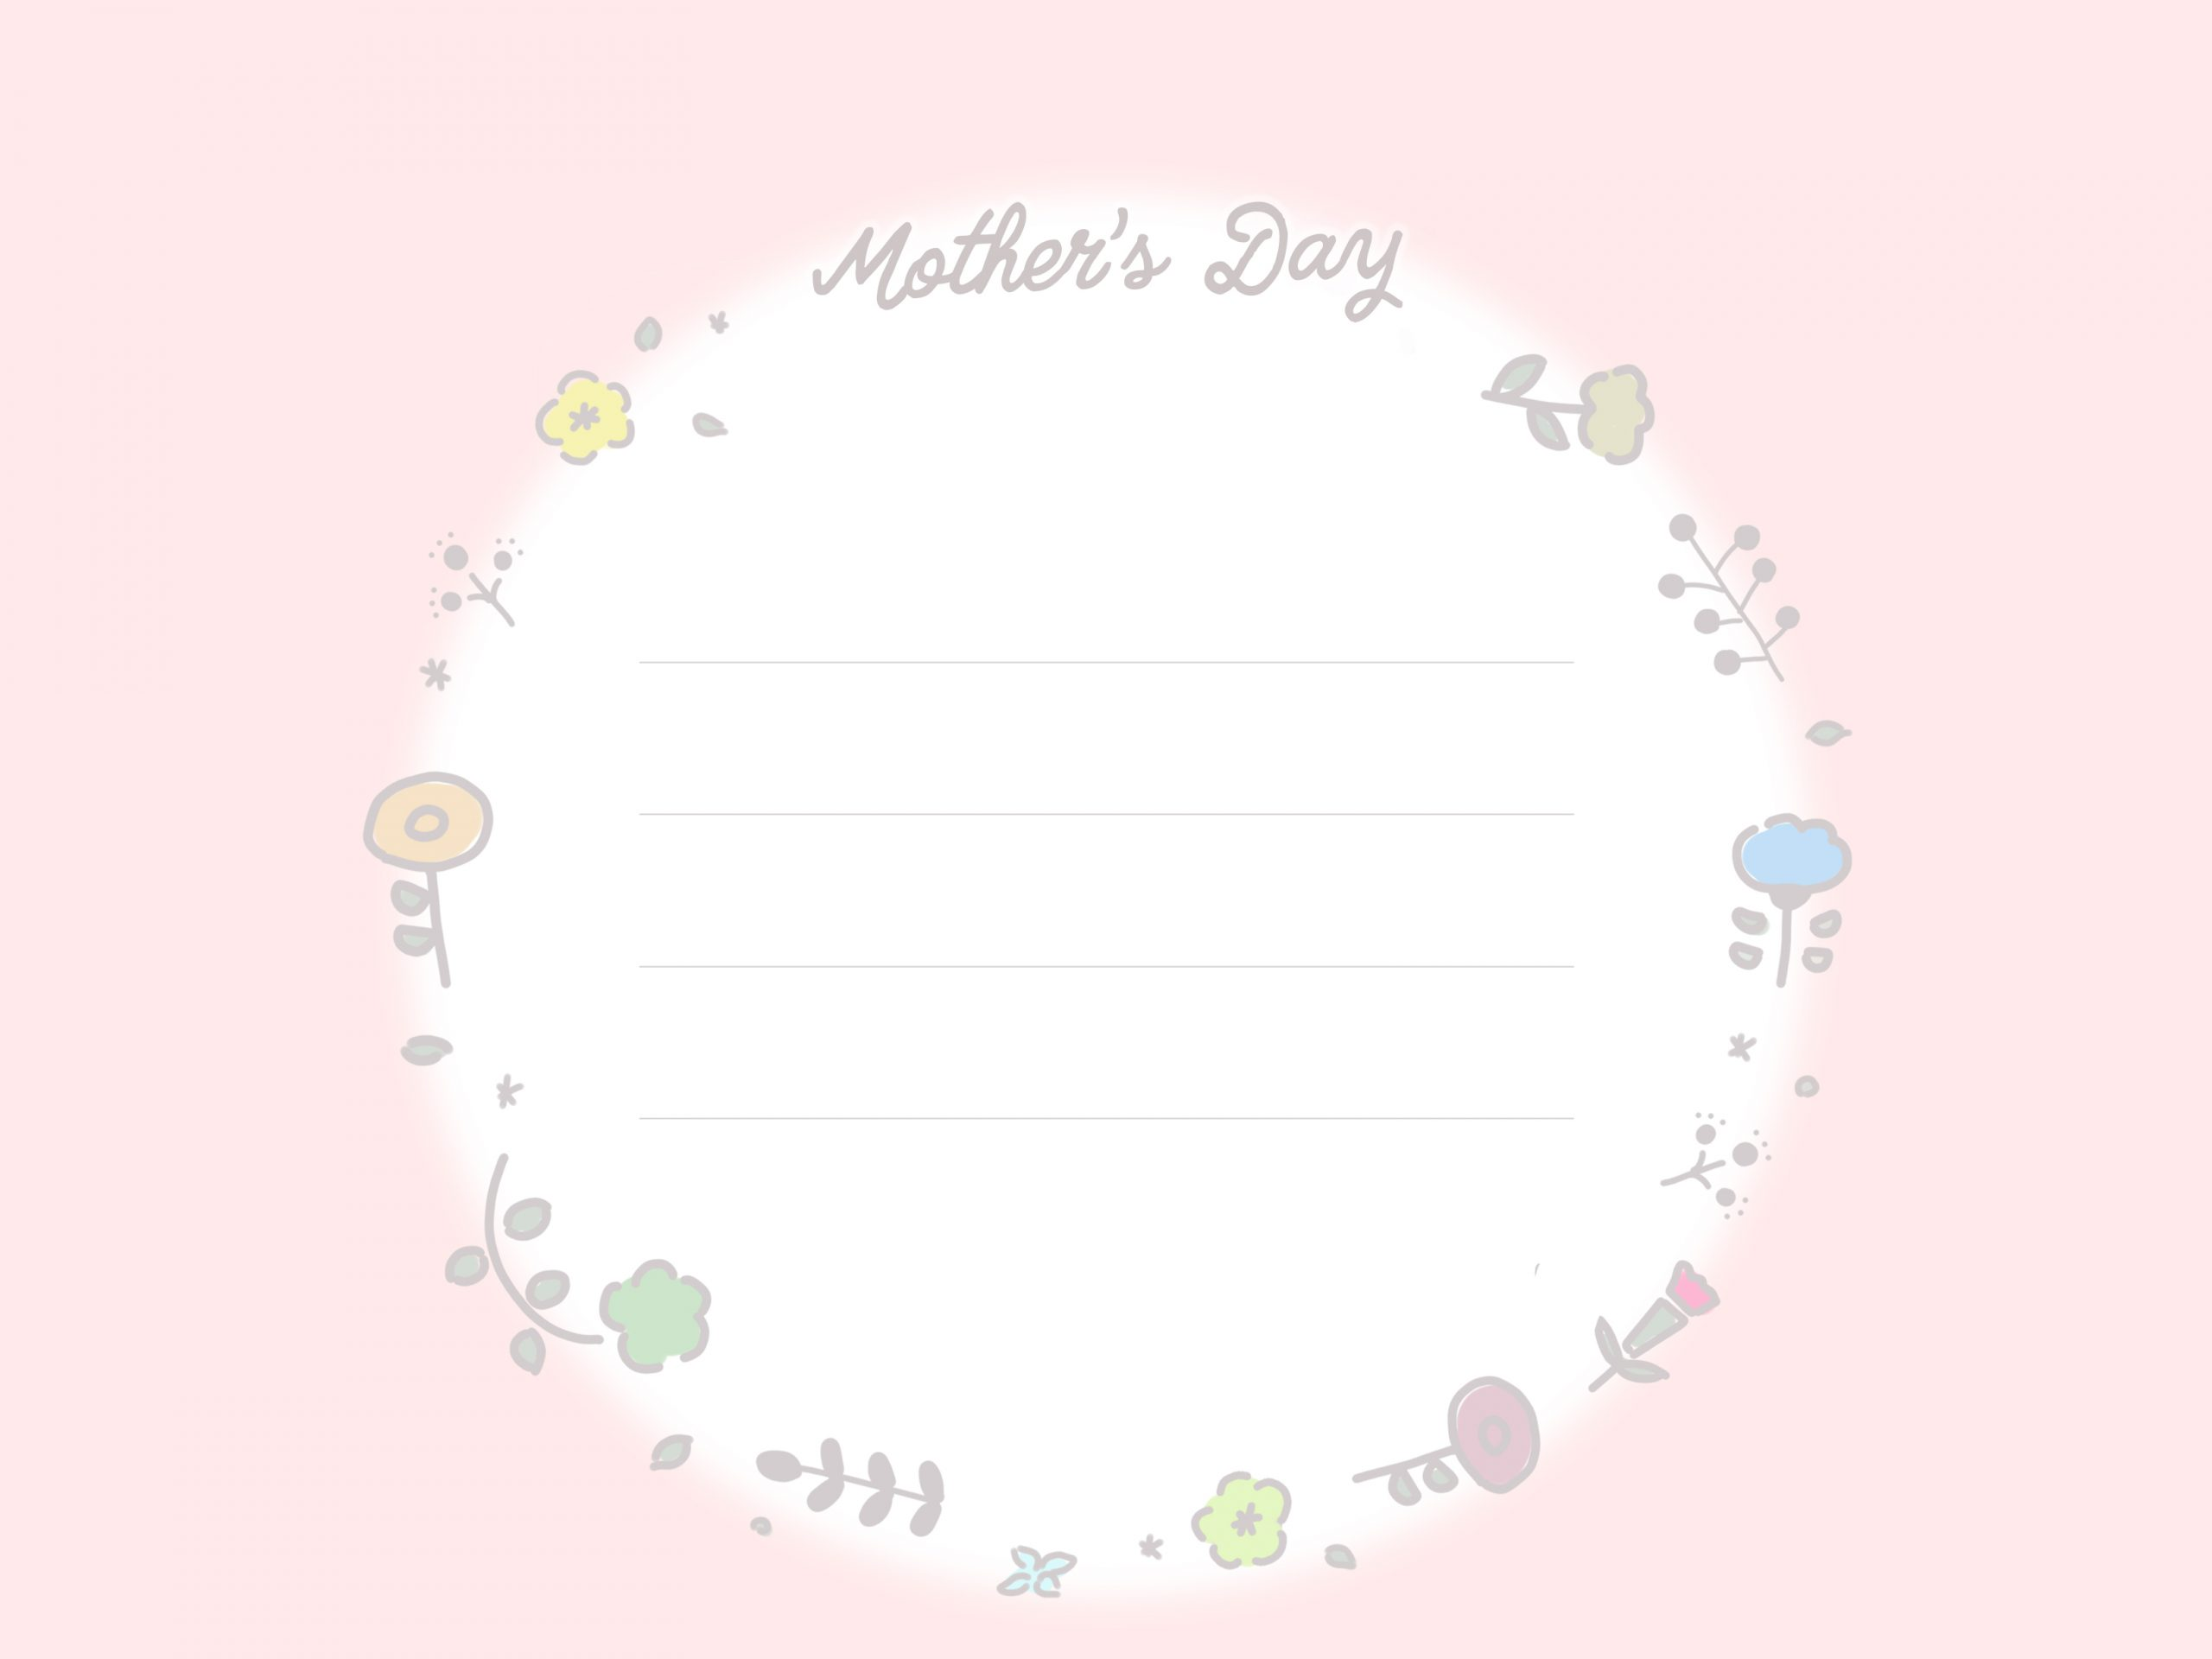 テンプレート画像 母の日のメッセージカード